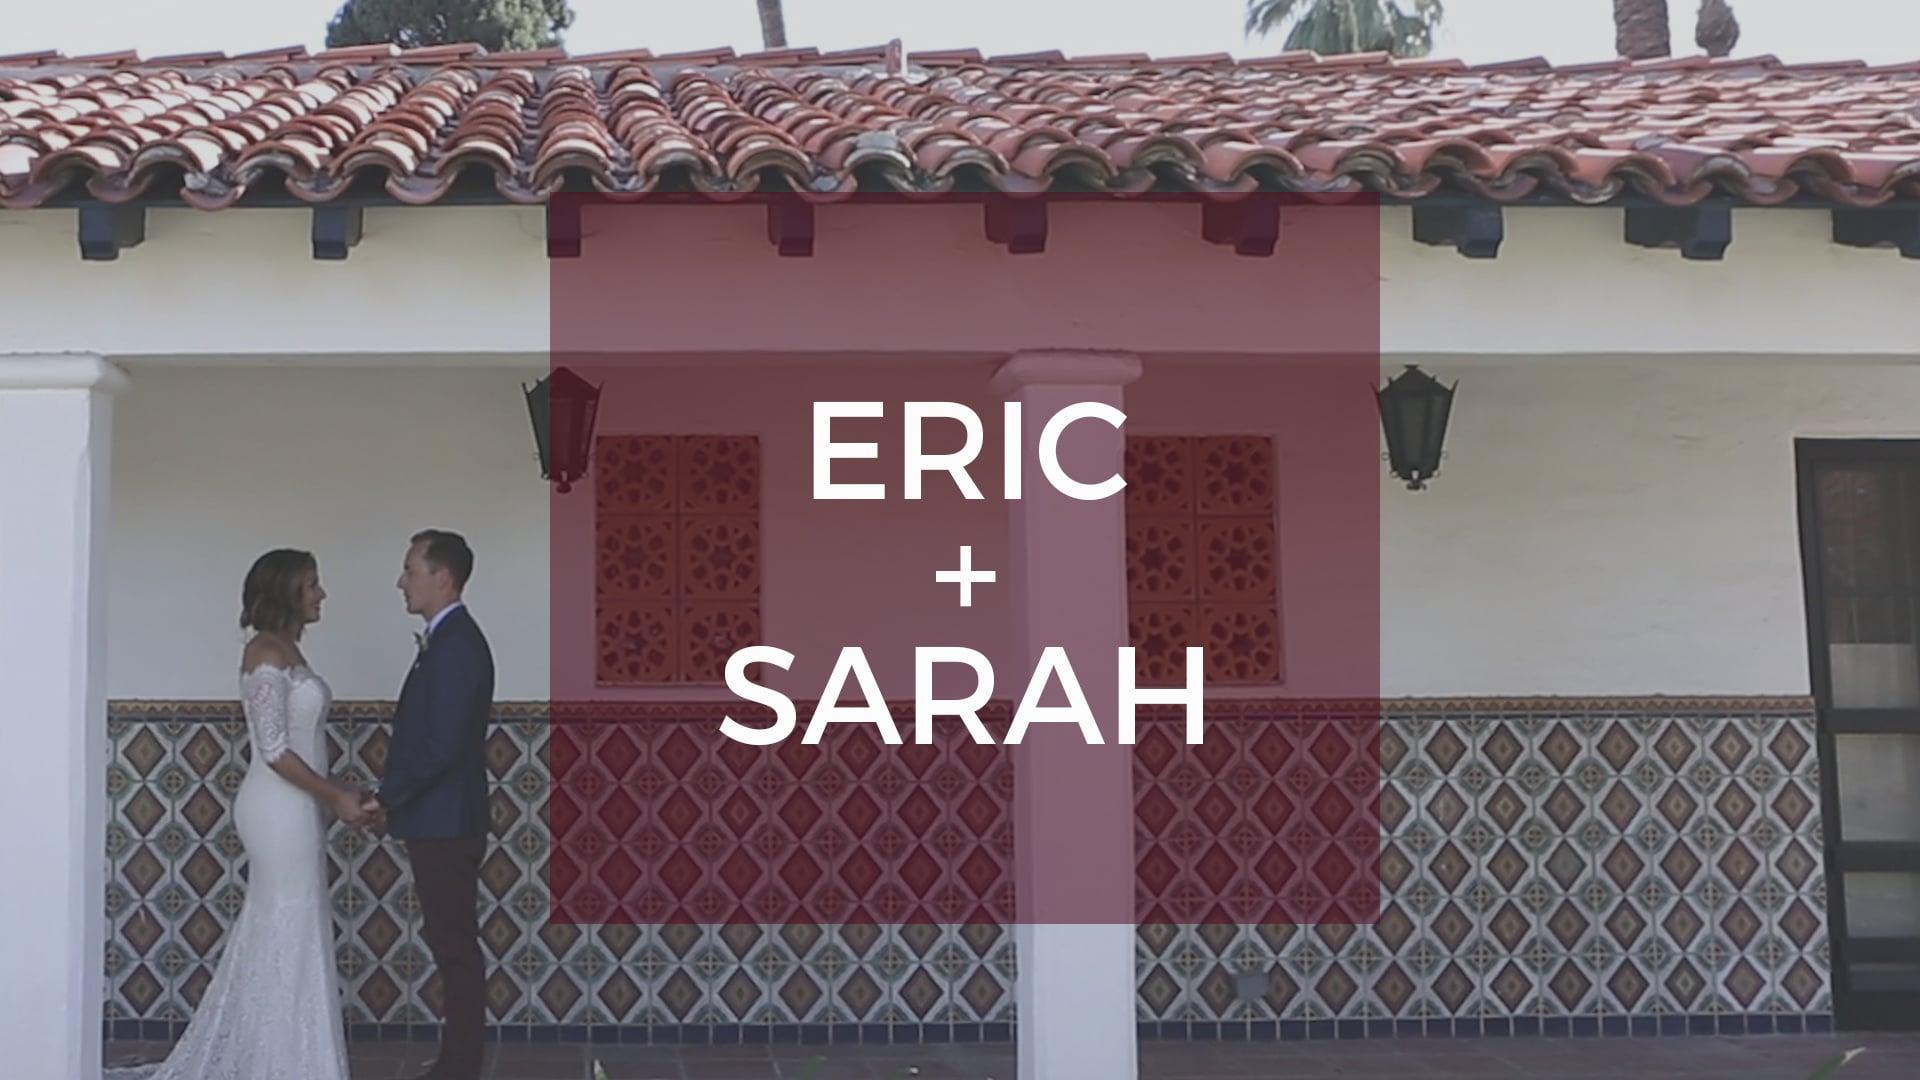 Eric + Sarah